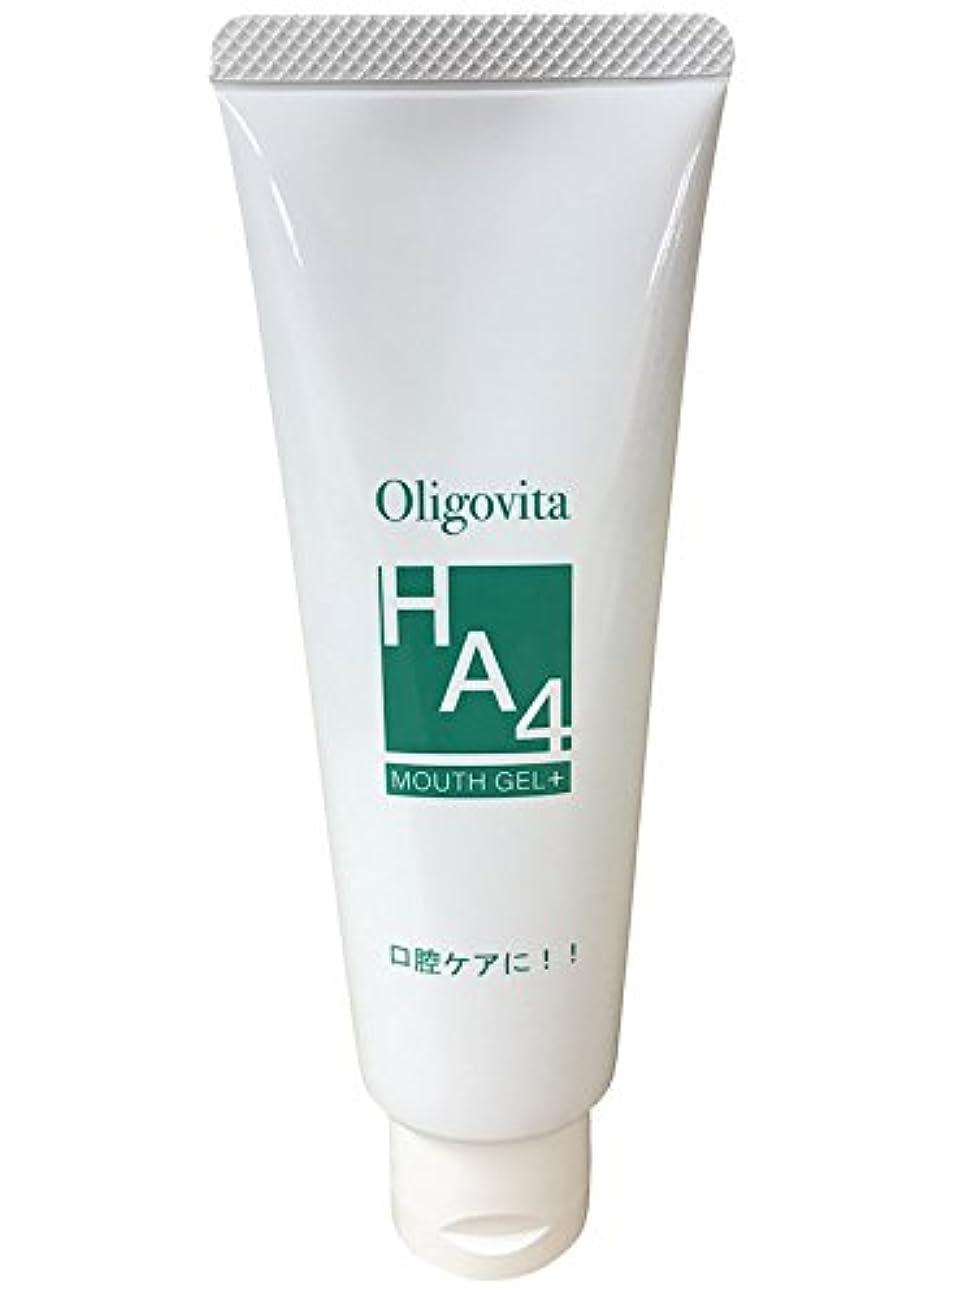 オセアニアリル力強いオリゴヴィータ マウスジェルプラス 口腔内ケア 保湿 保護 ドライマウス ヒアルロン酸 リゾックス配合